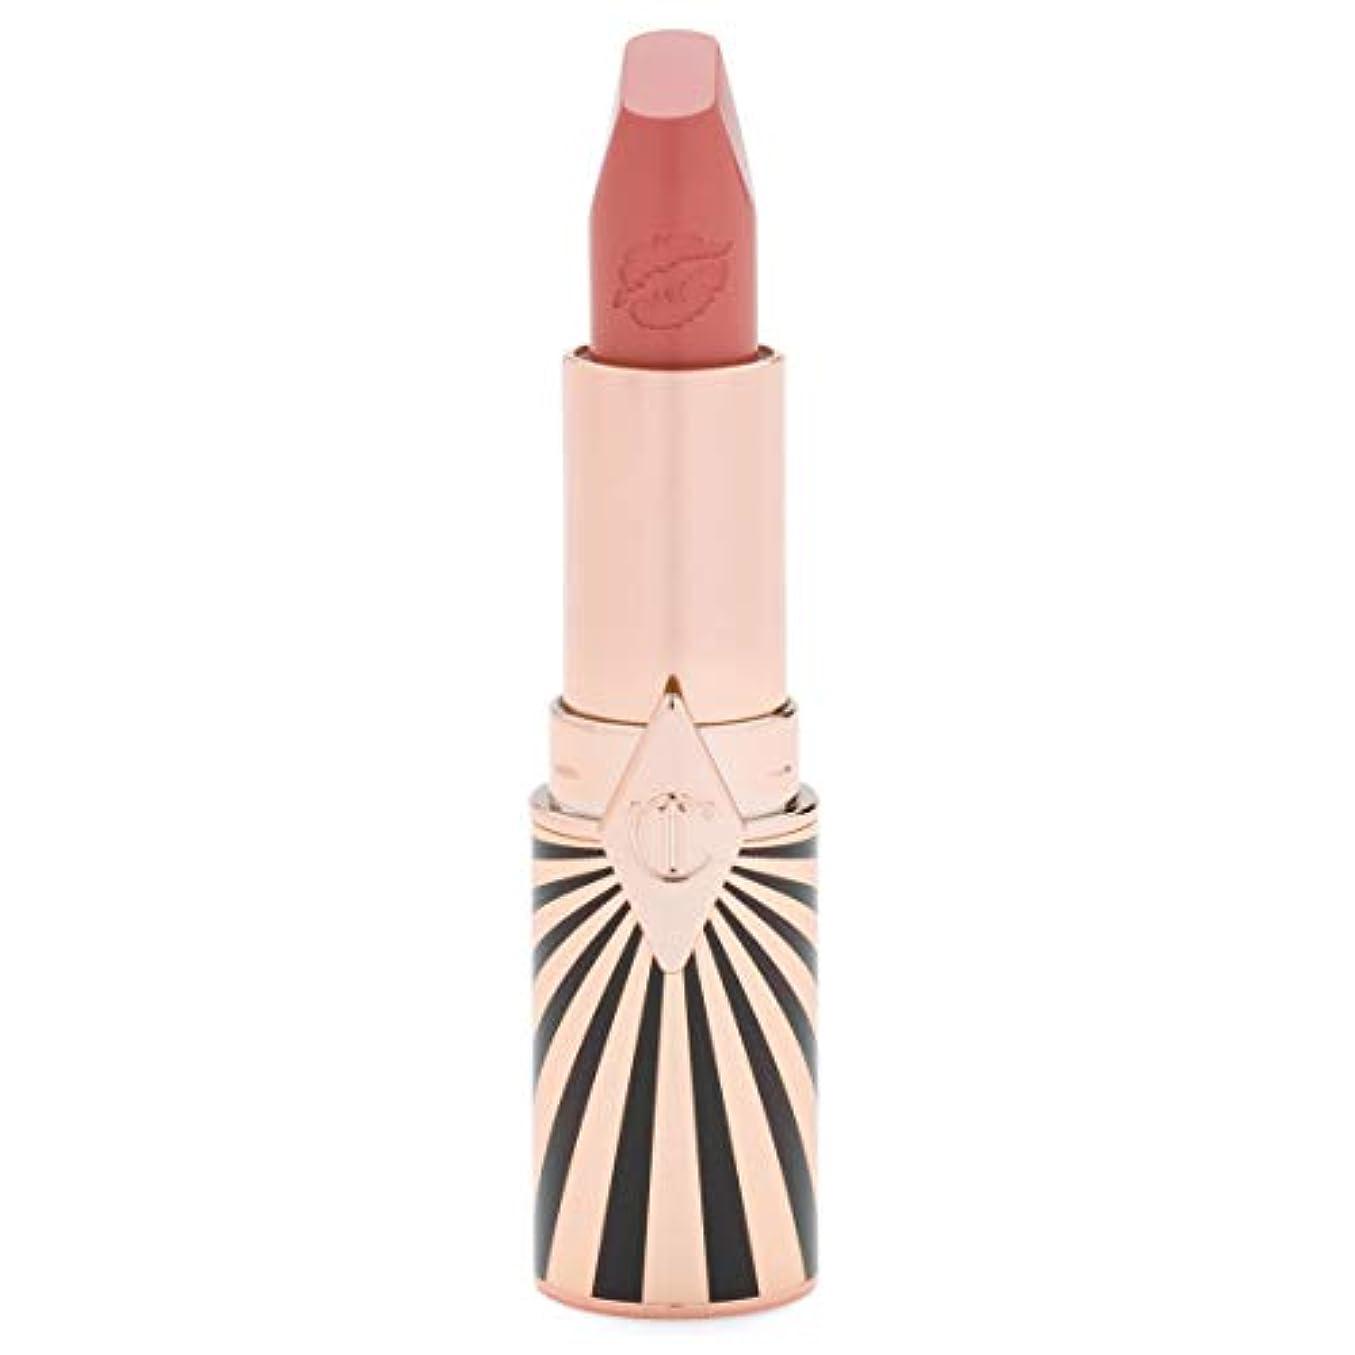 ポテトアンケートブローホールCharlotte Tilbury Hot Lips 2 In love with Olivia Limited Edition シャーロット?ティルベリー